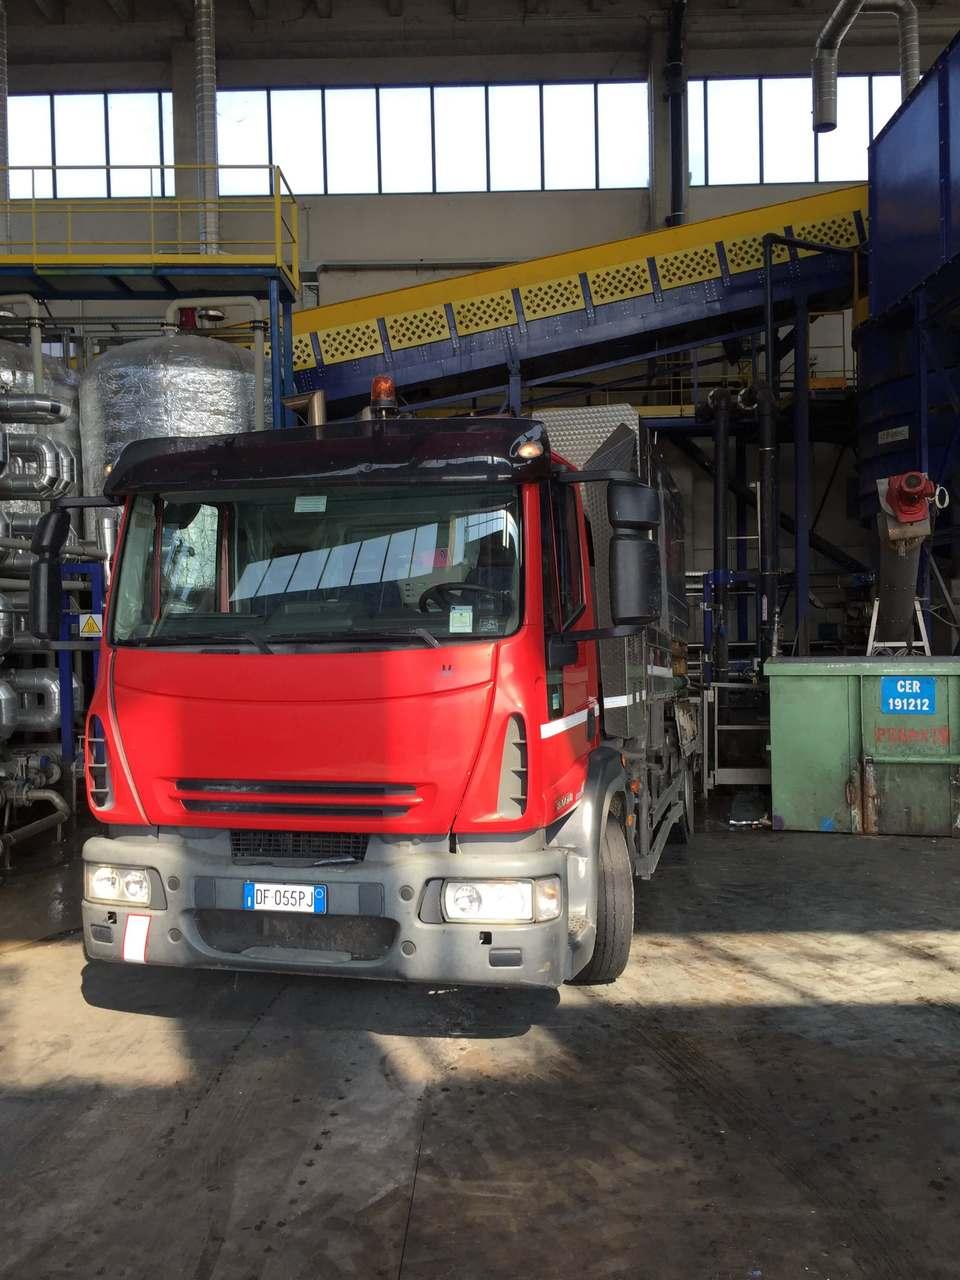 camion rosso nello stabile